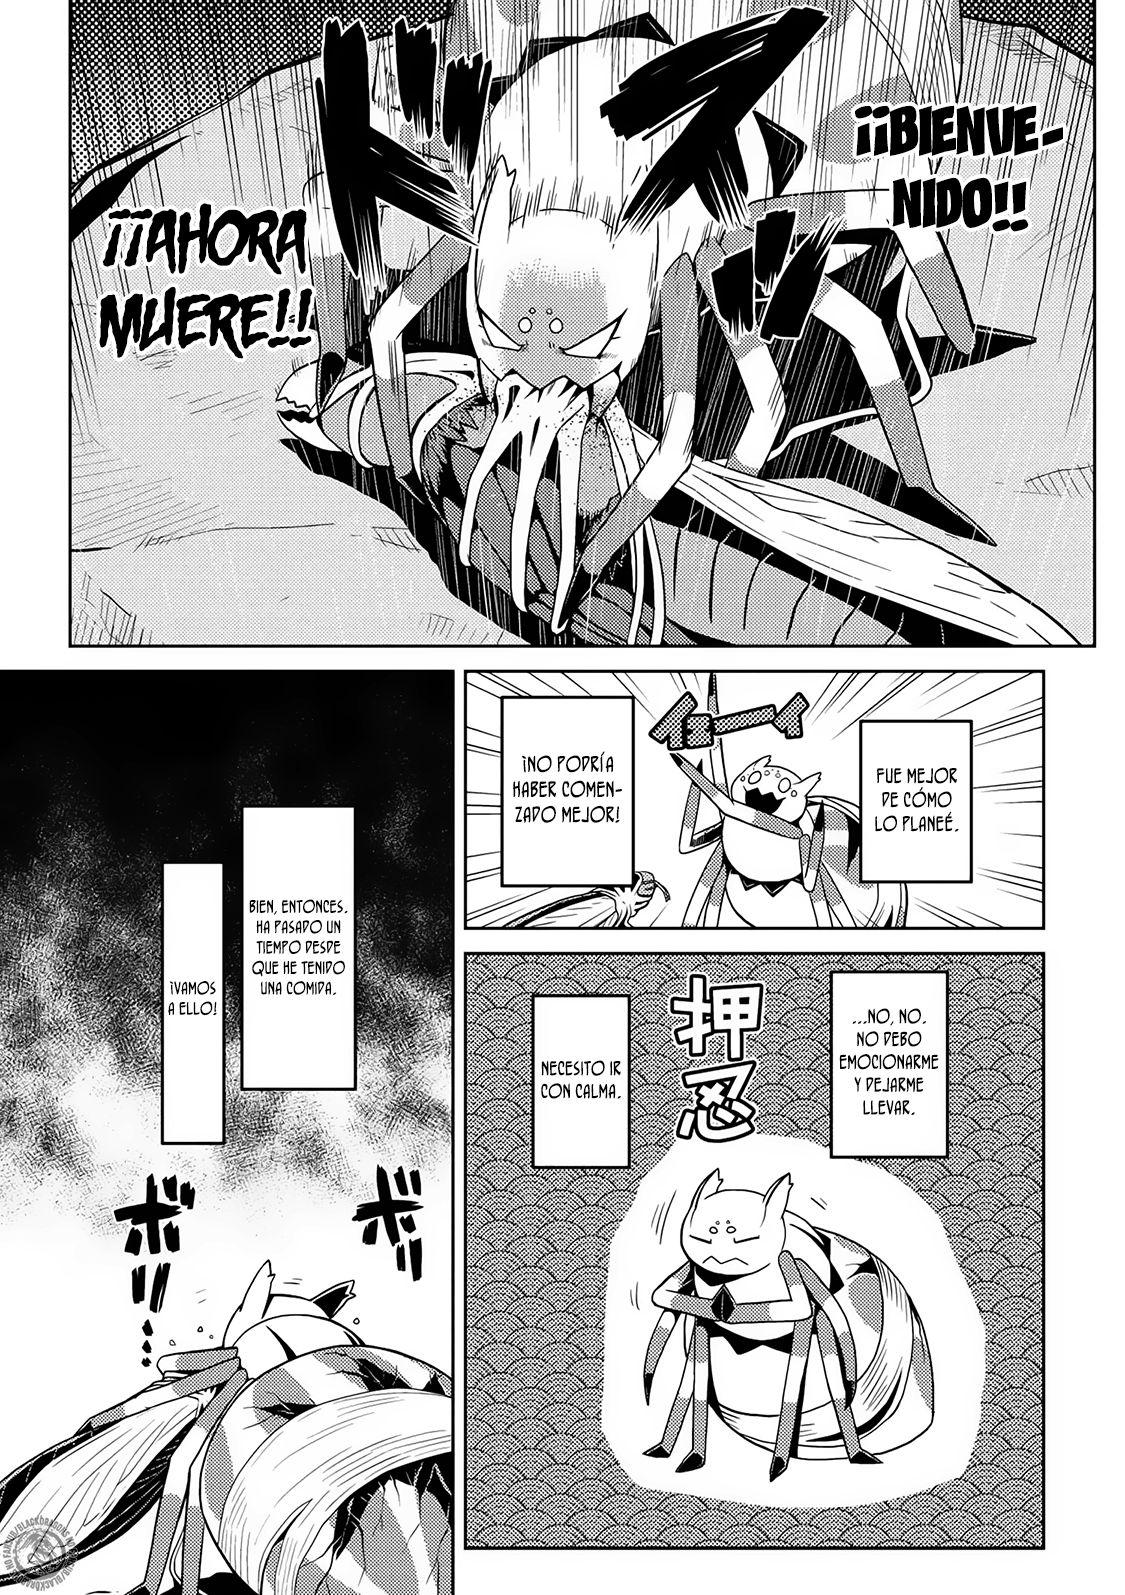 http://c5.ninemanga.com/es_manga/59/18683/487953/baf3d07b0caa2a06ac0a87695a35610e.jpg Page 8